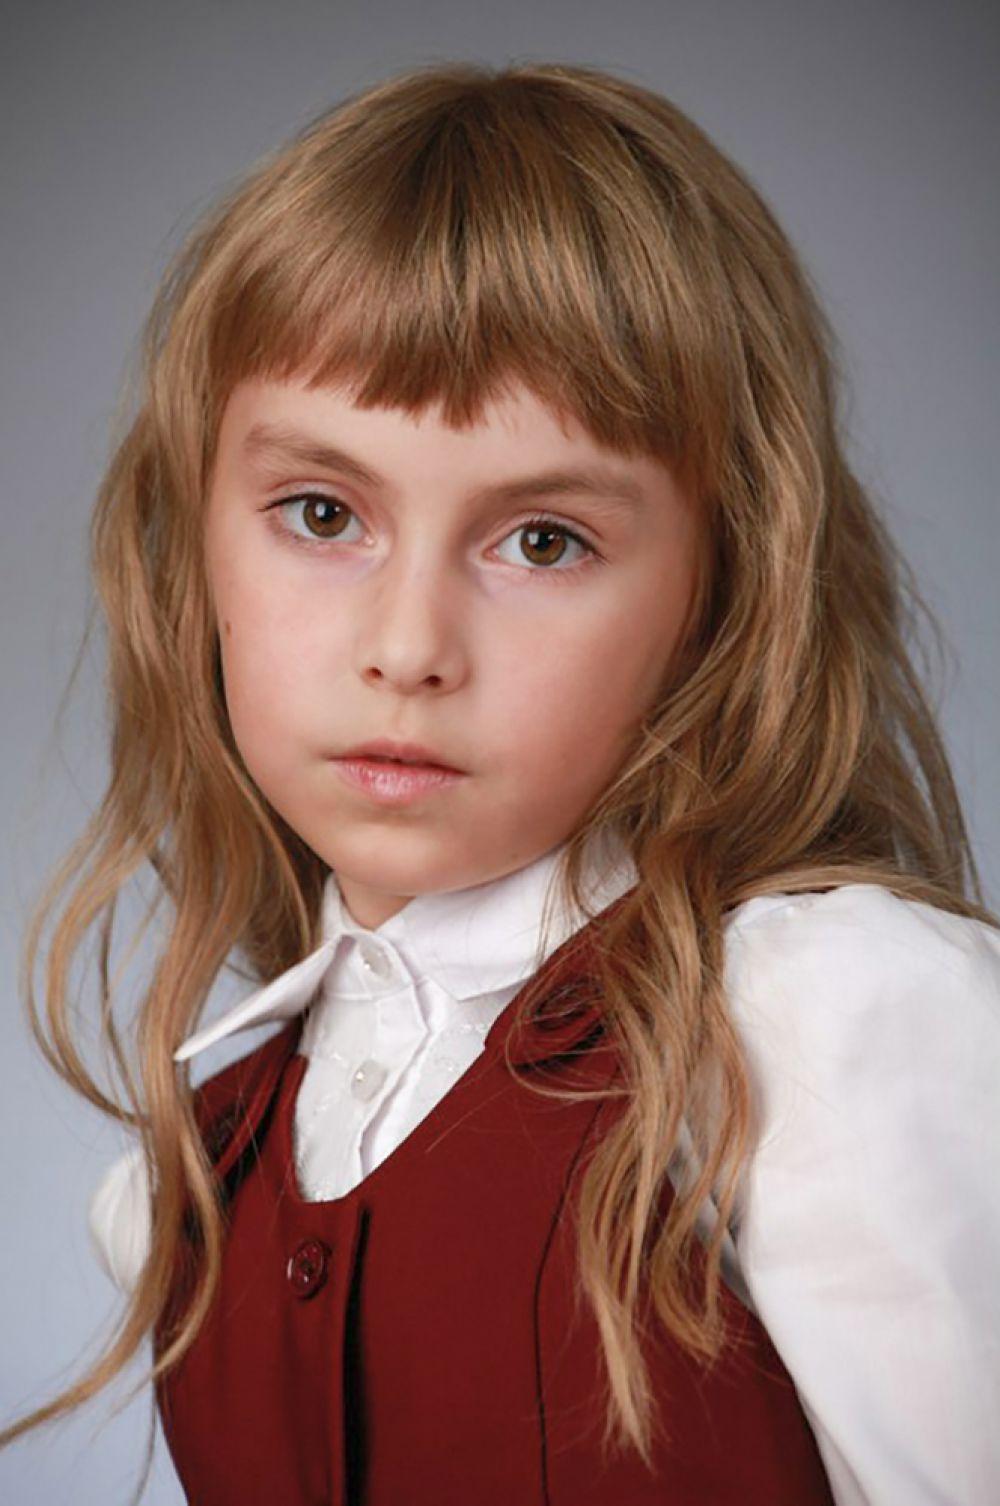 Мария Седавных, 7 лет, 8-ой конкурс красоты и талантов  «Маленькая Мисс Вятка-2016». Младшая группа.